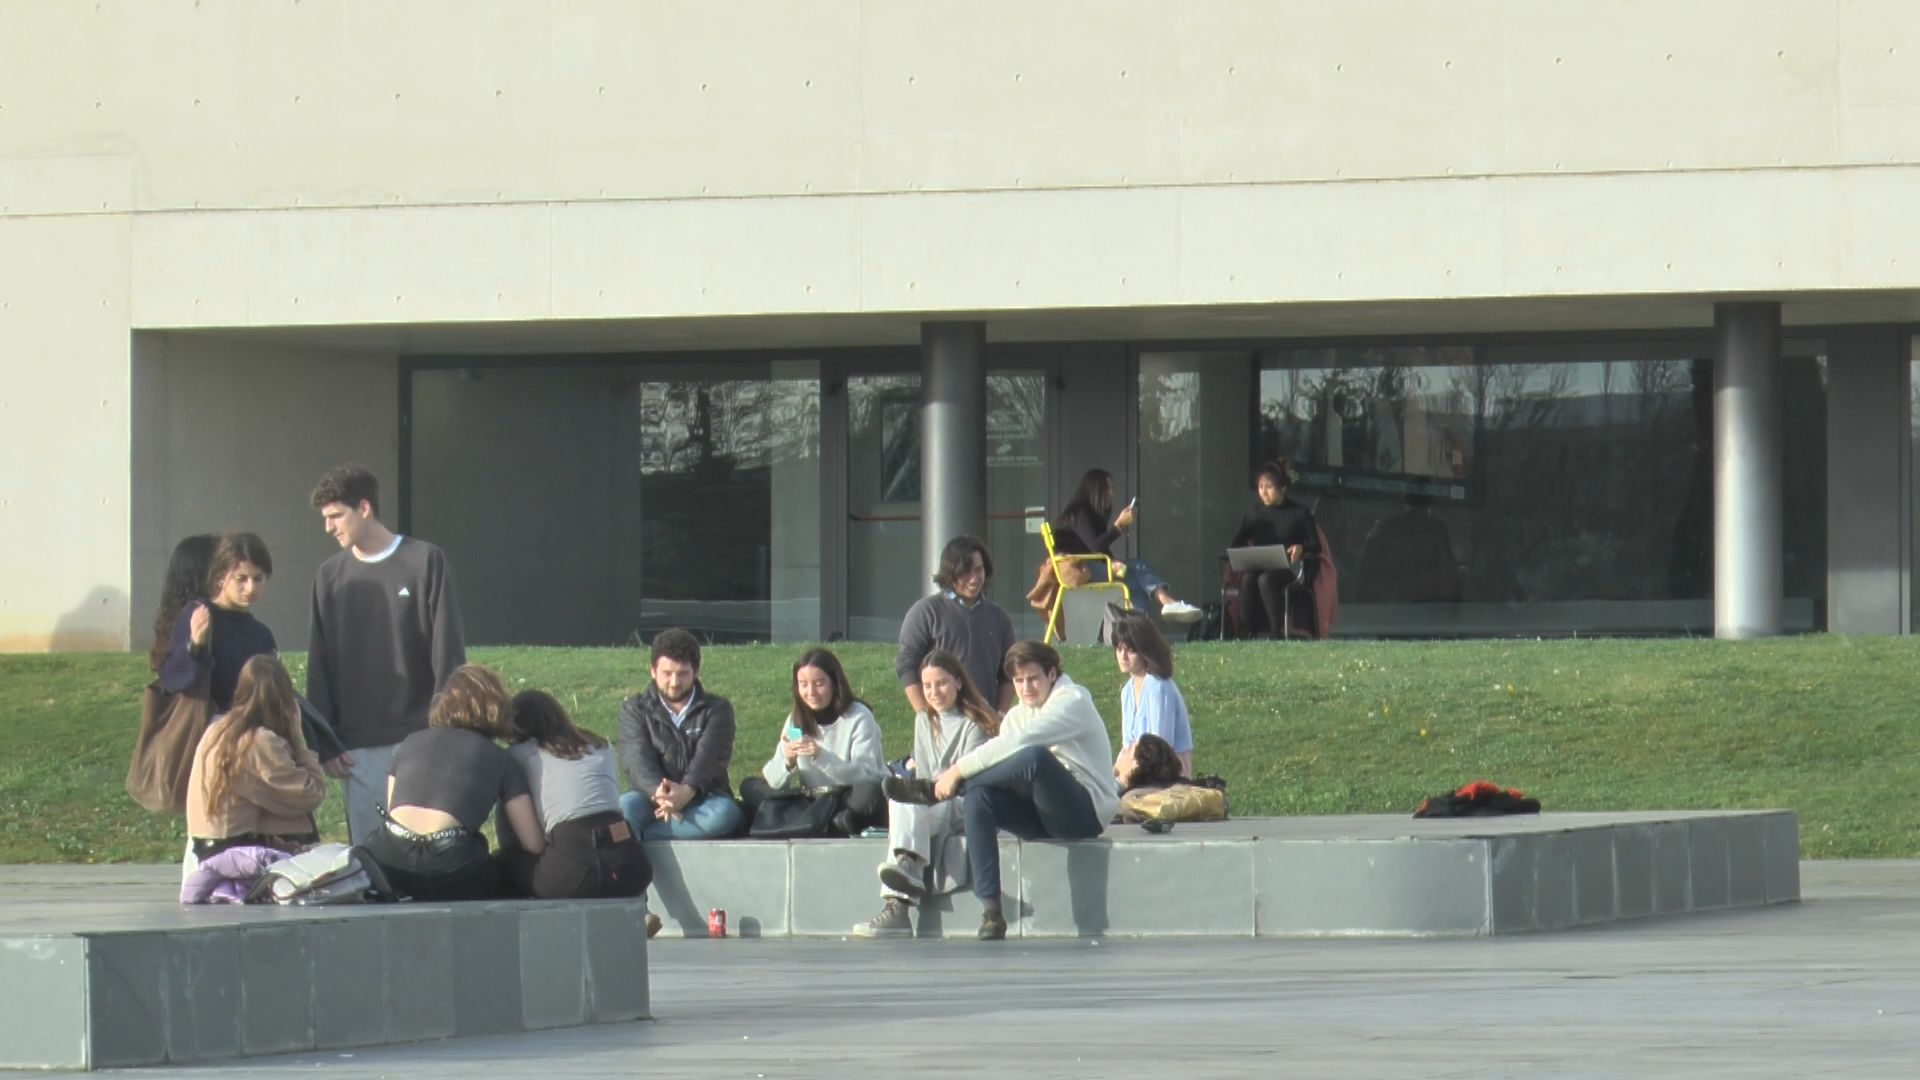 有留學生因歐洲疫情嚴重搶機票返港